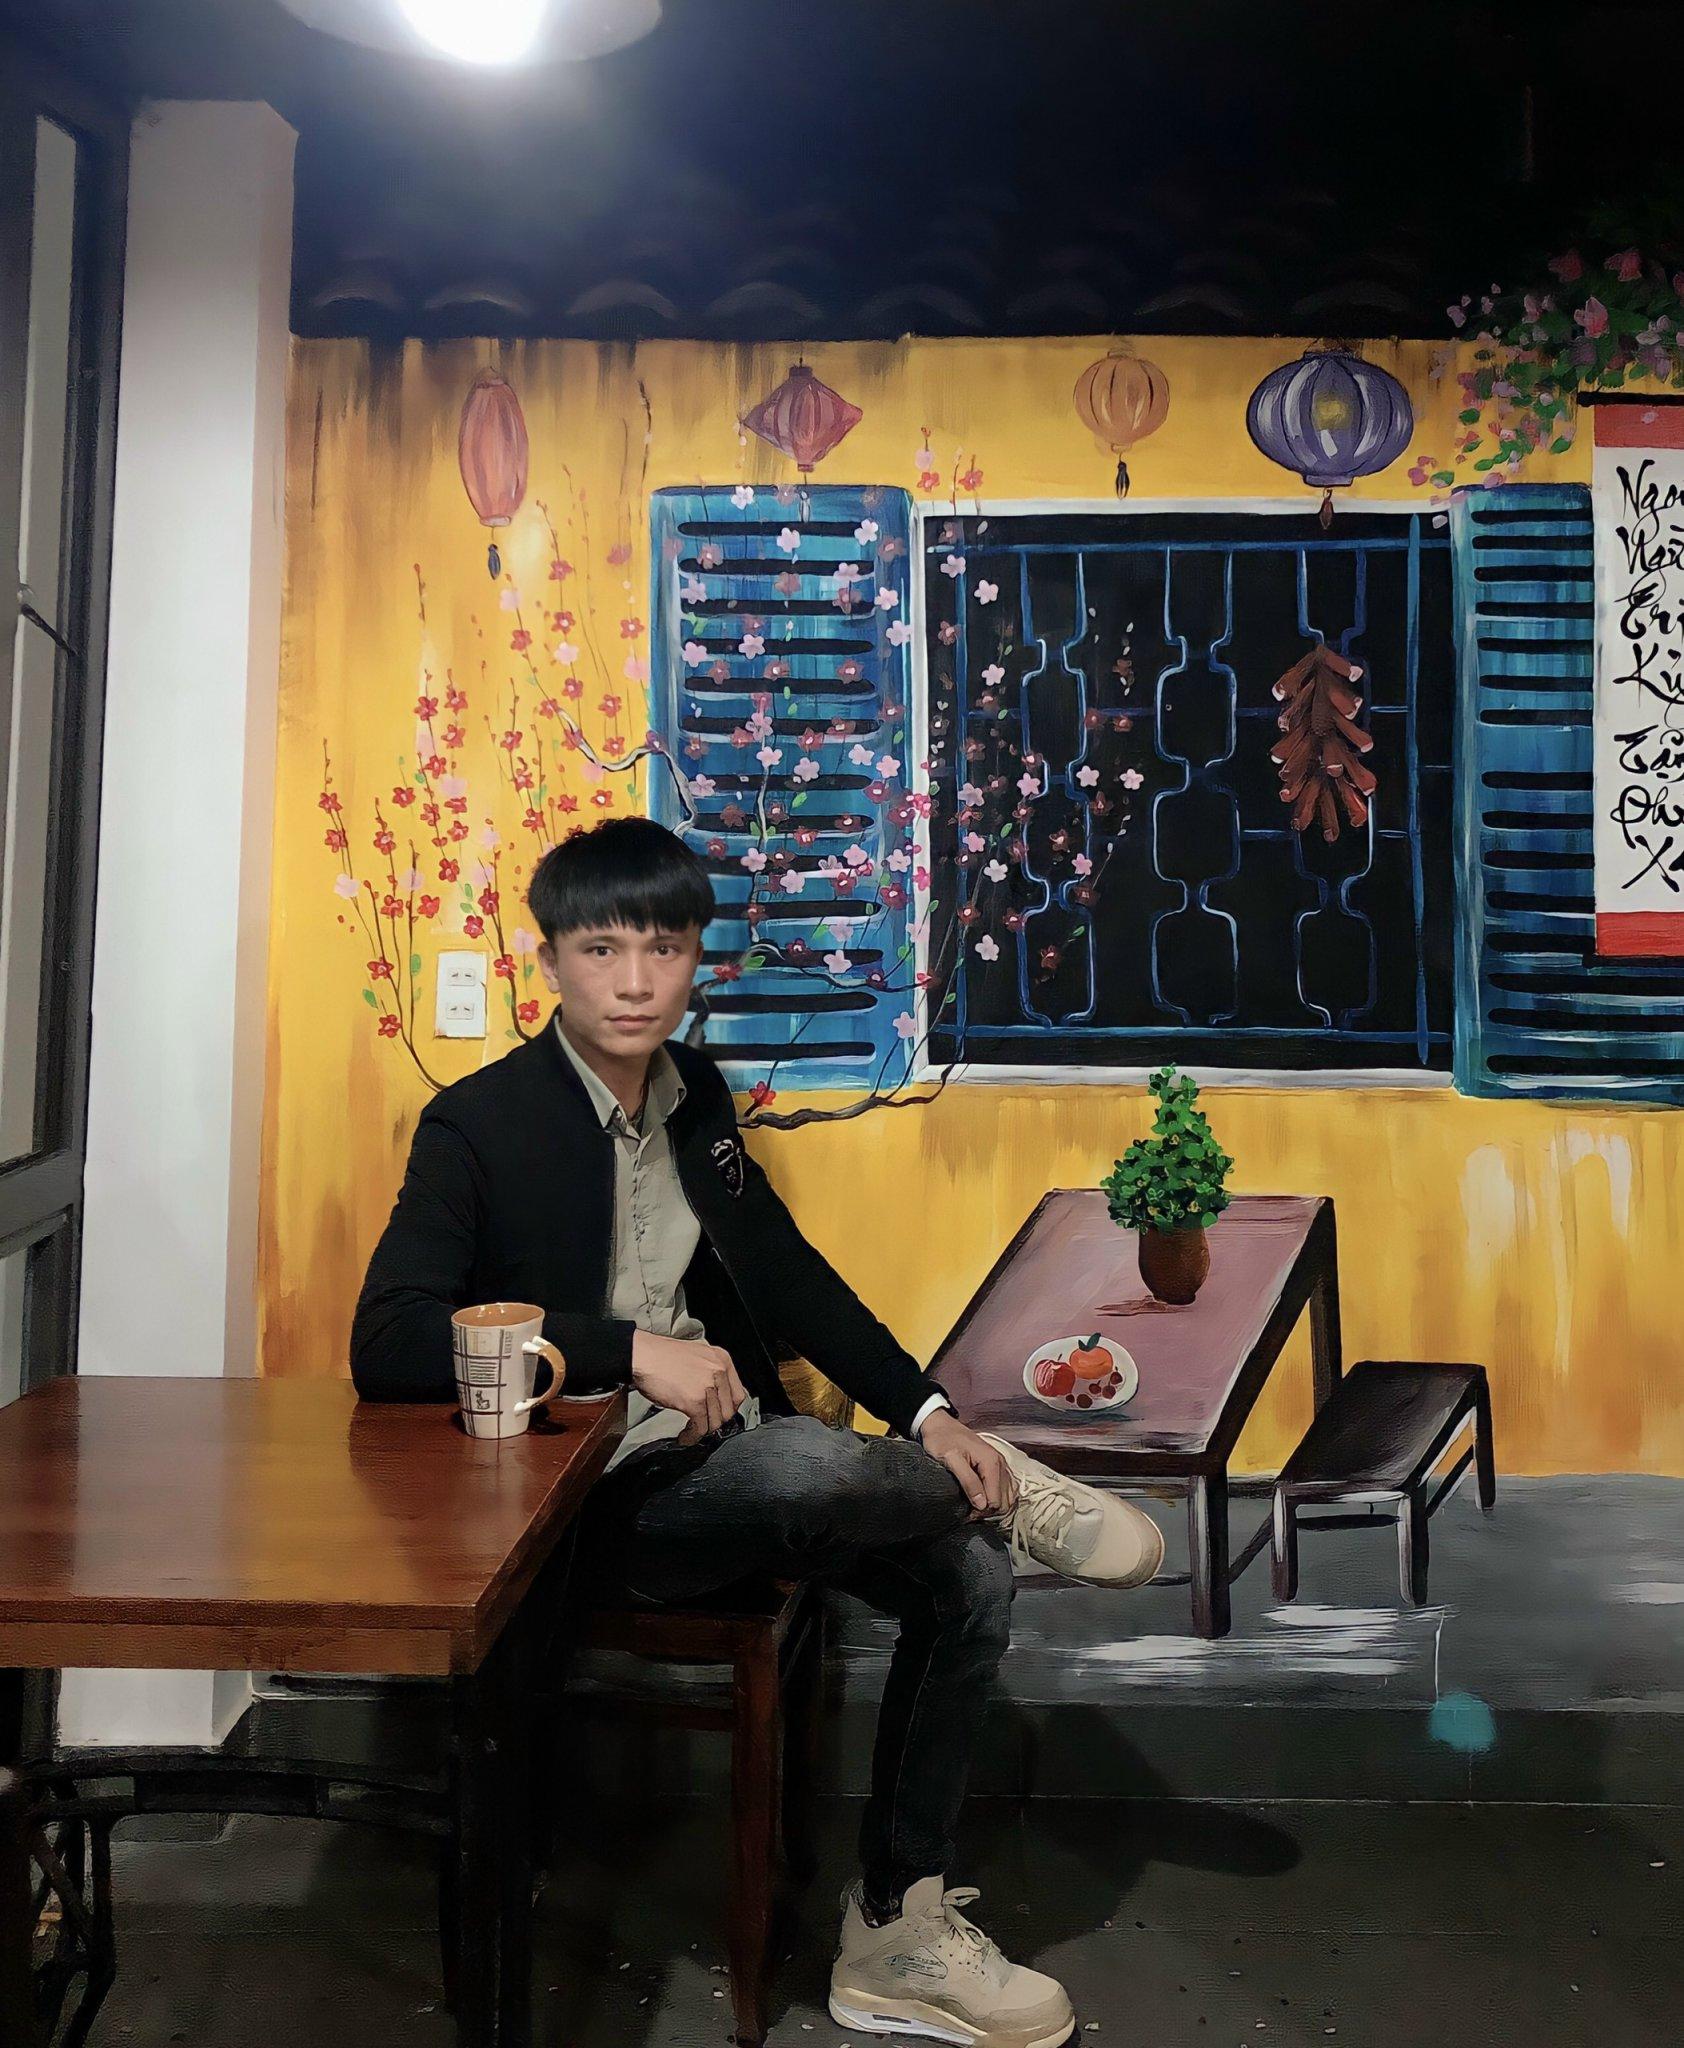 Hoàng Mạnh Tiến chọn học lập trình tại FUNiX vì thích mô hình học trực tuyến khuyến khích học nhanh, đi làm sớm và cách học chủ động tại đây.